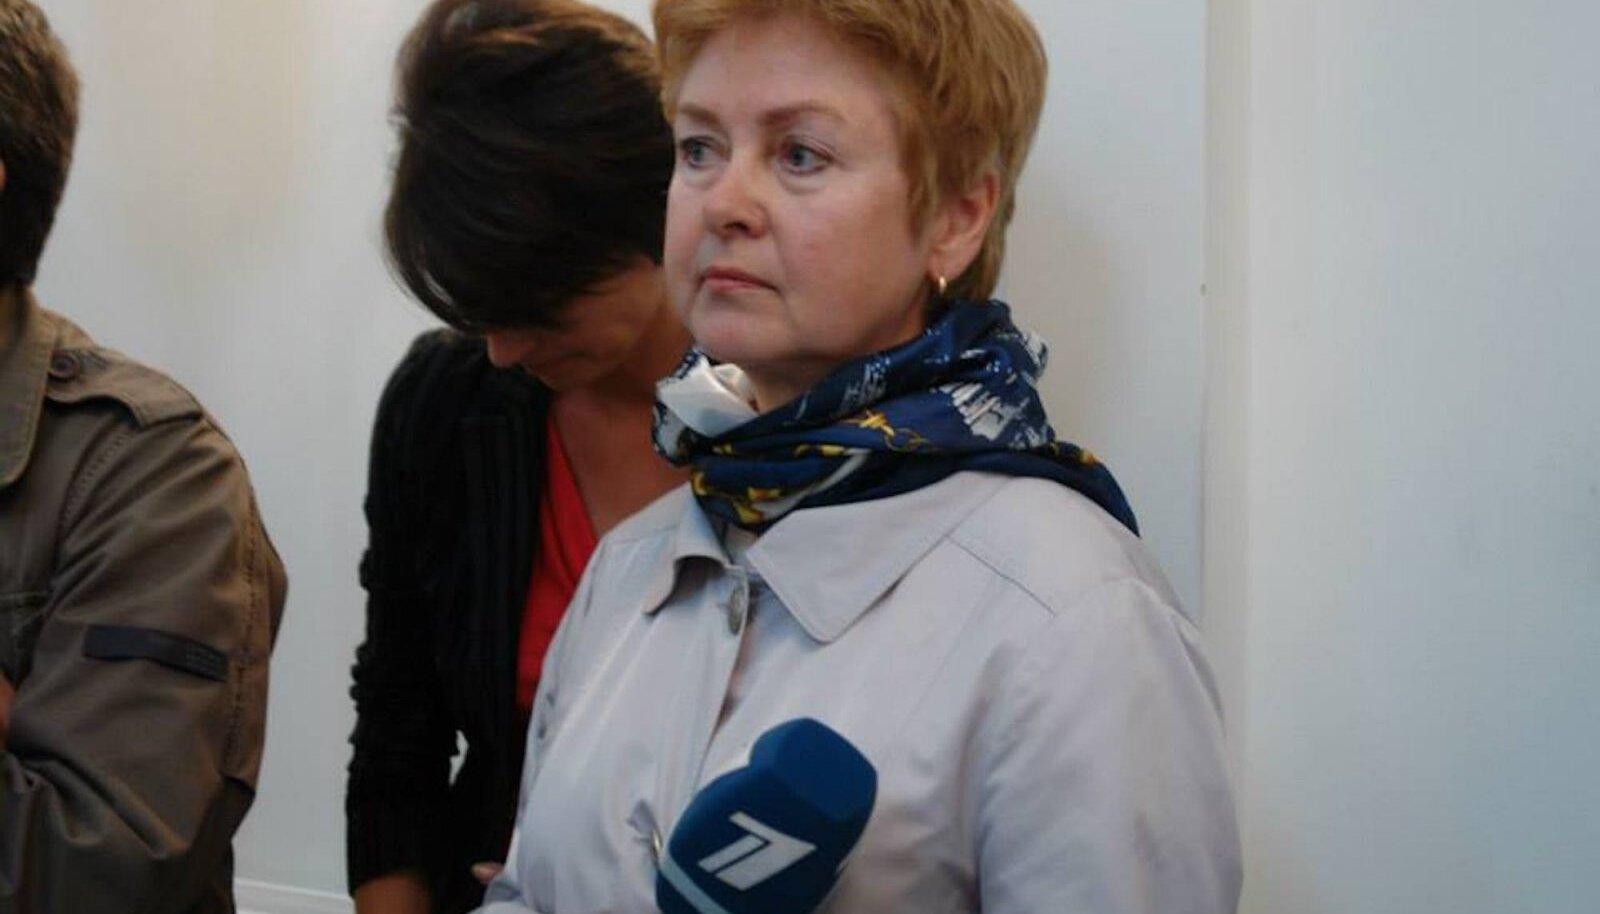 Депутат Рийгикогу, бывший репортер «Новостей Эстонии» ПБК Наталия Маллеус